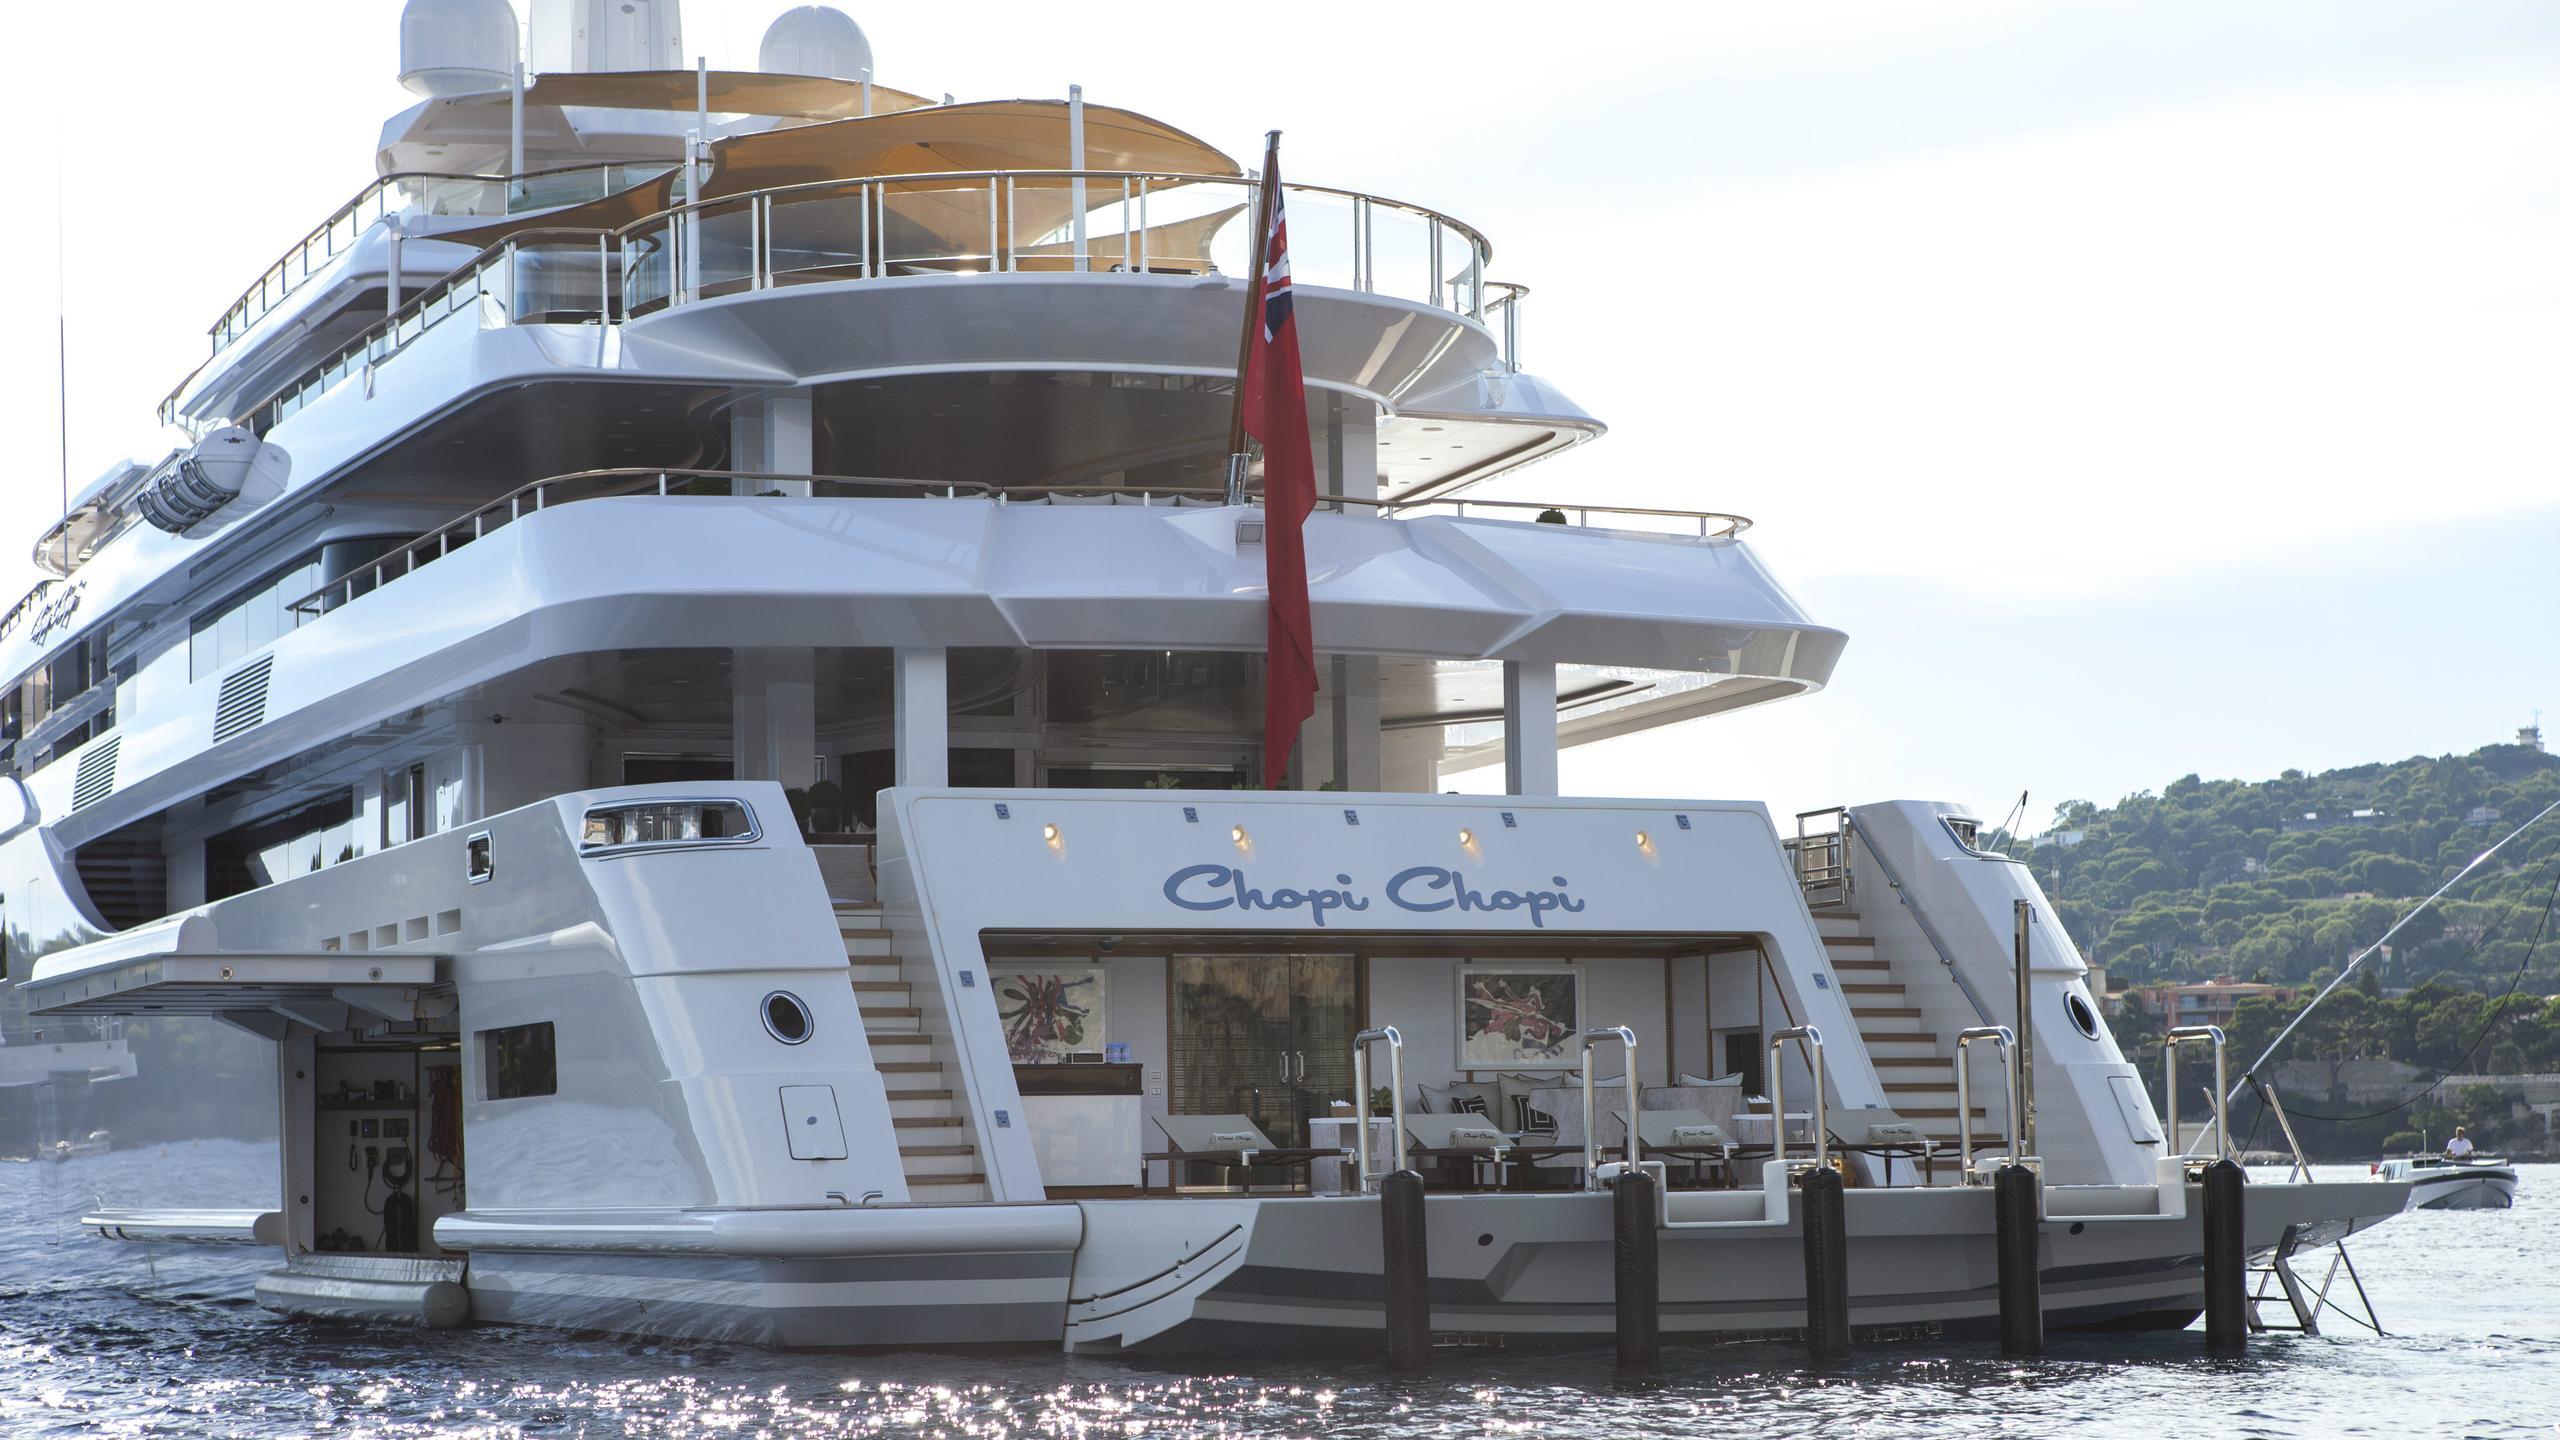 chopi-chopi-motor-yacht-crn-2013-80m-beach-club-garage